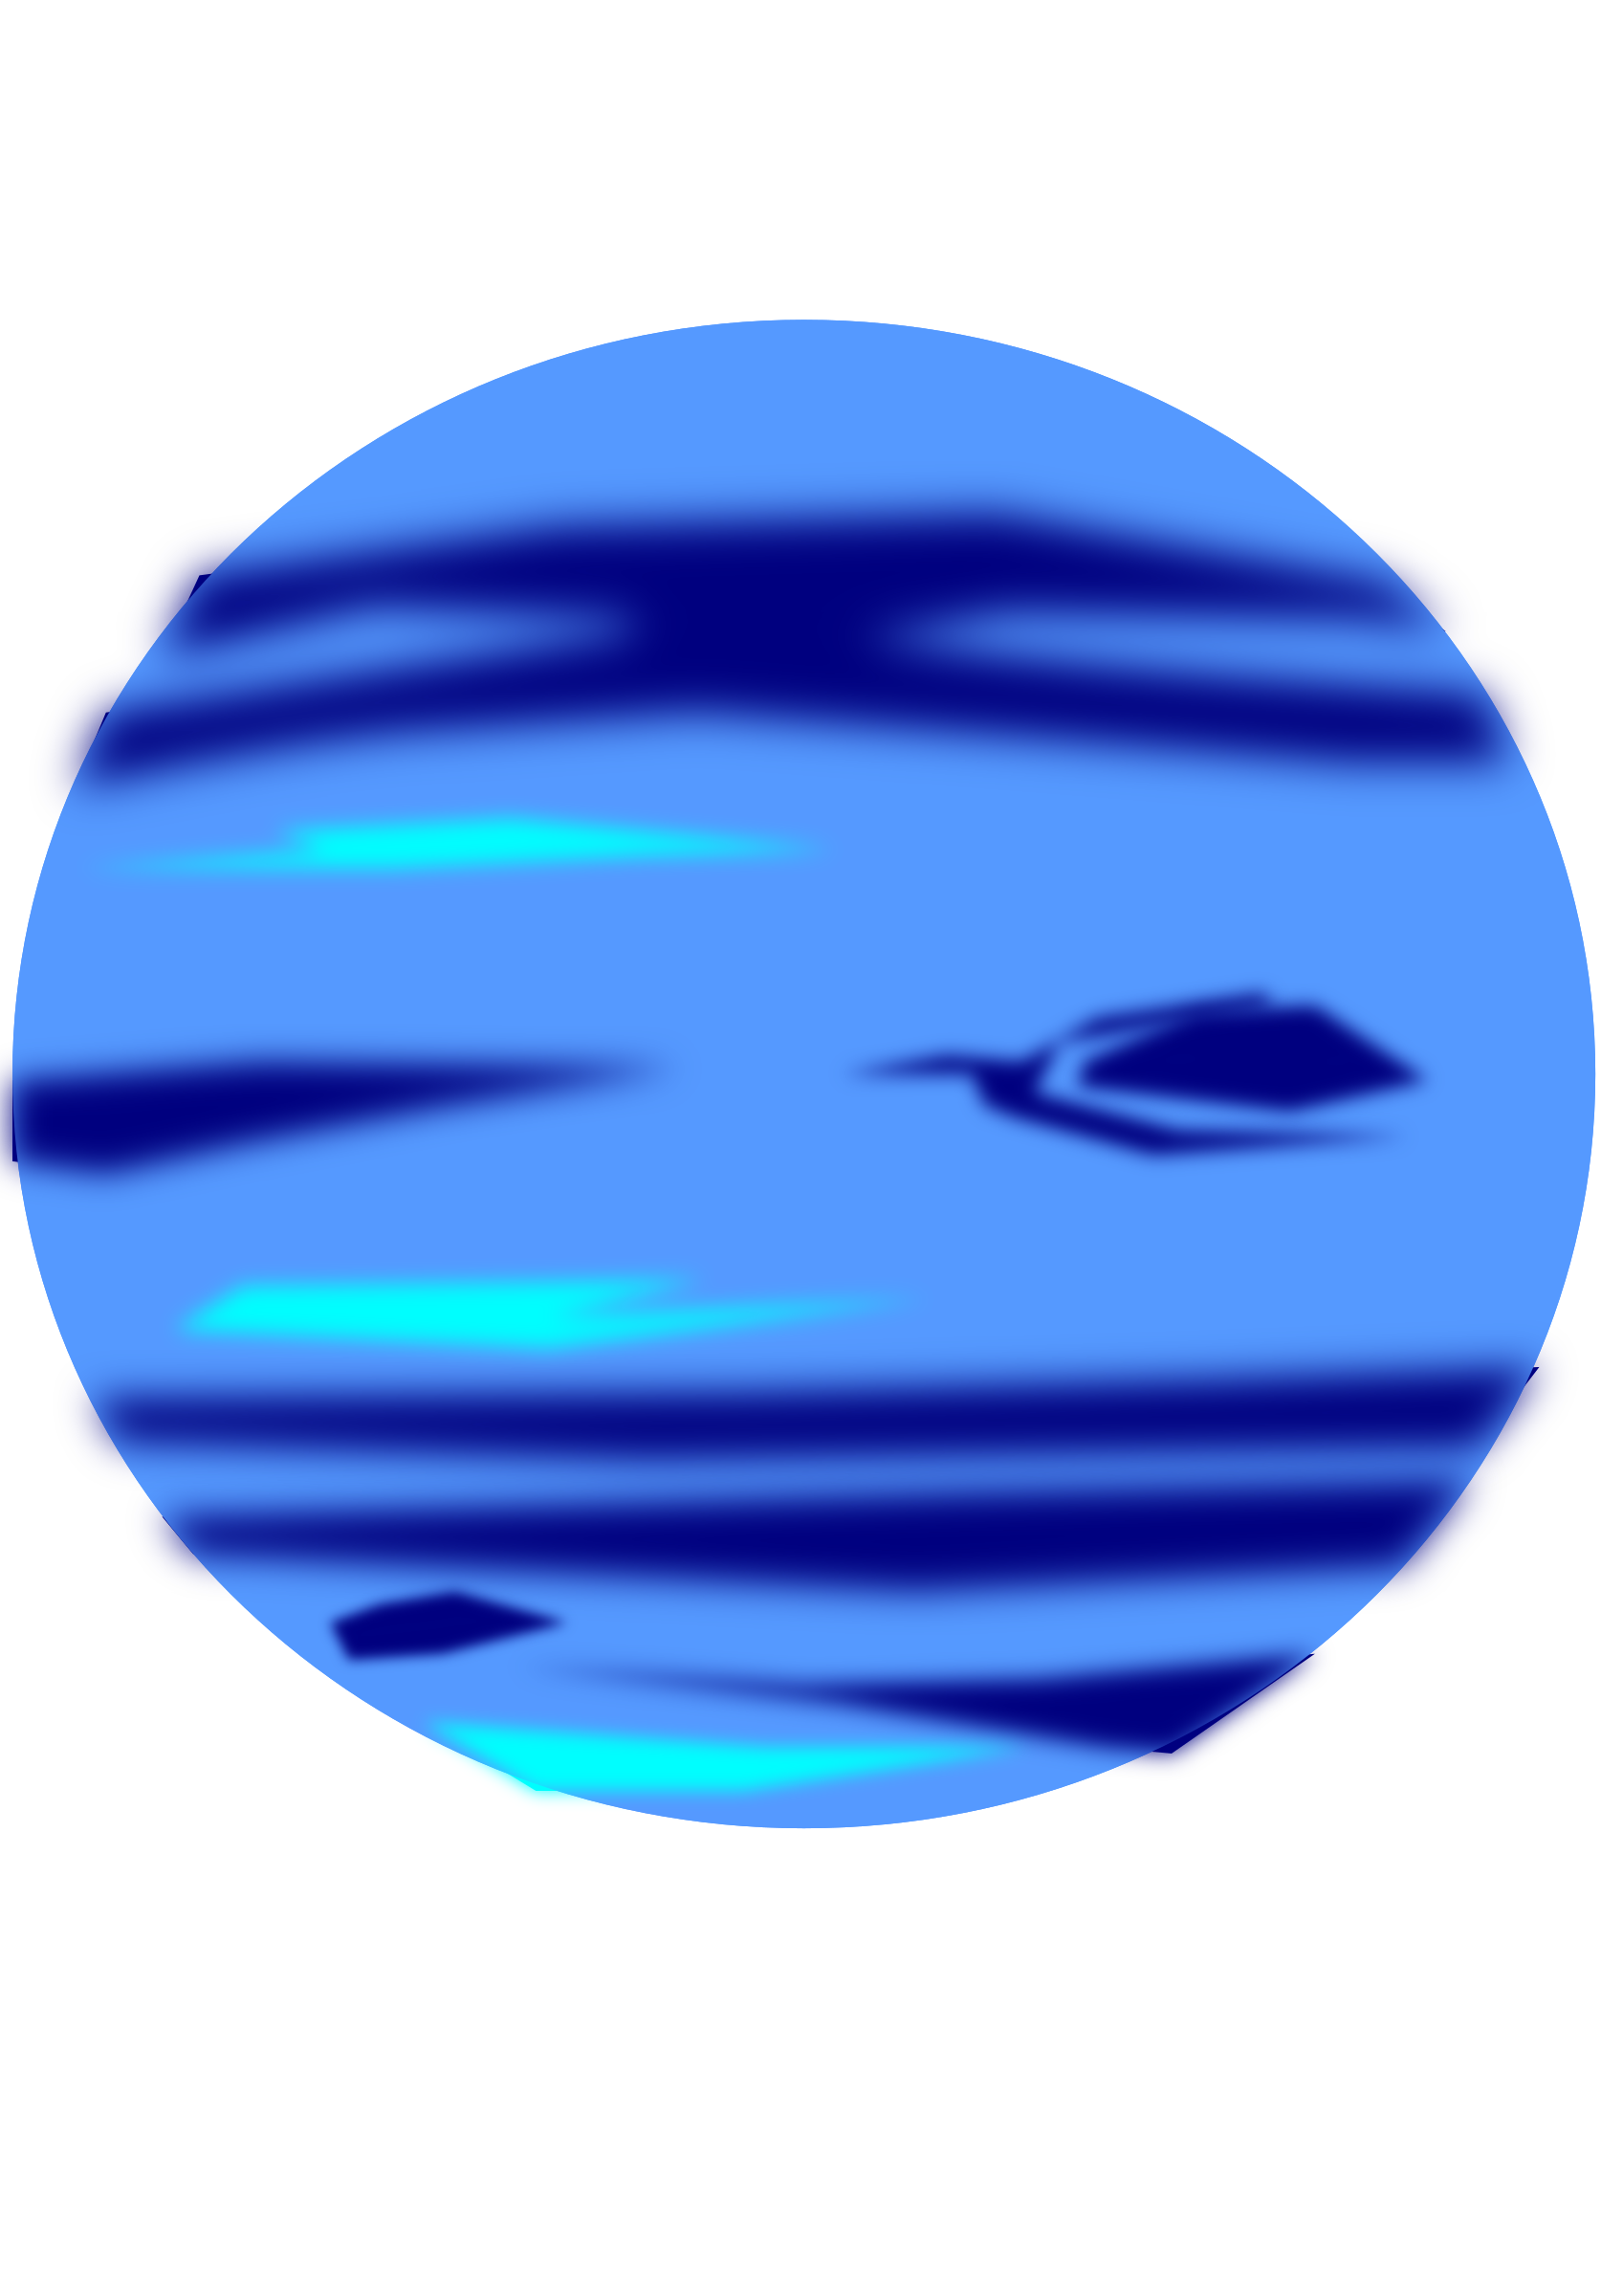 Planets clipart uranus My uranus uranus Clipart planet